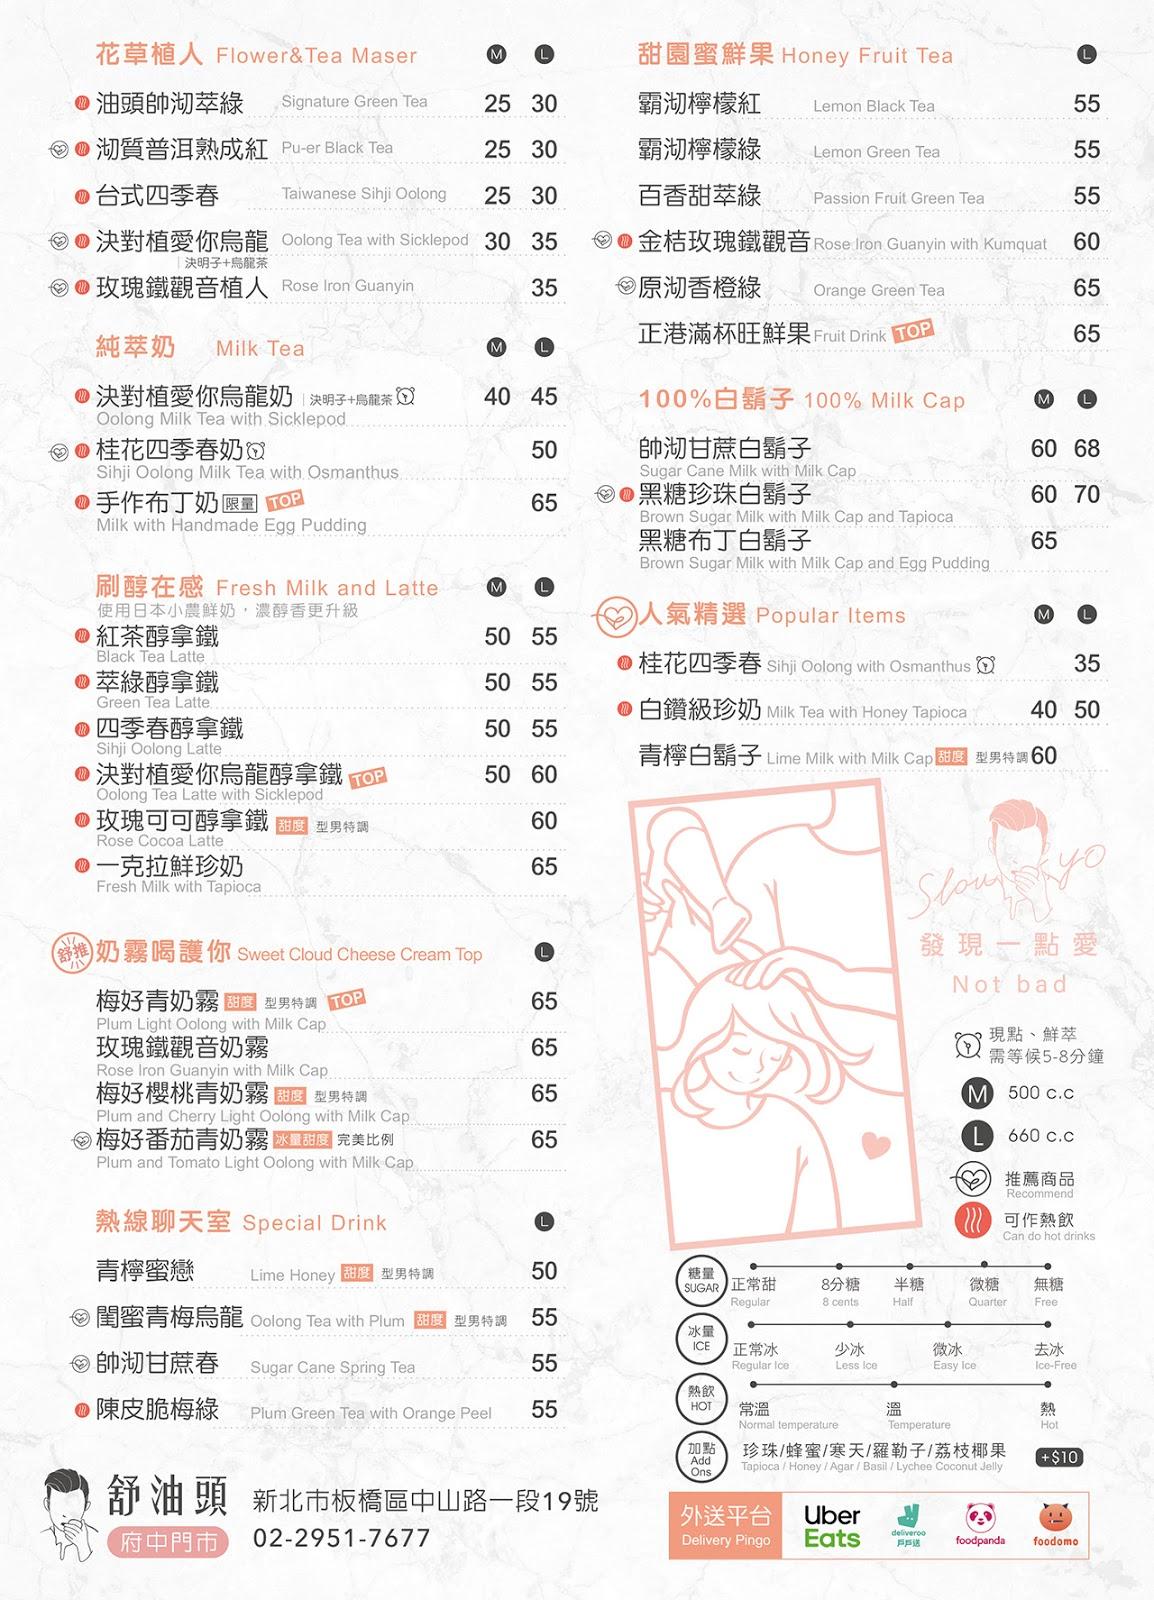 【舒油頭】2020菜單/價目表 - 酷碰達人